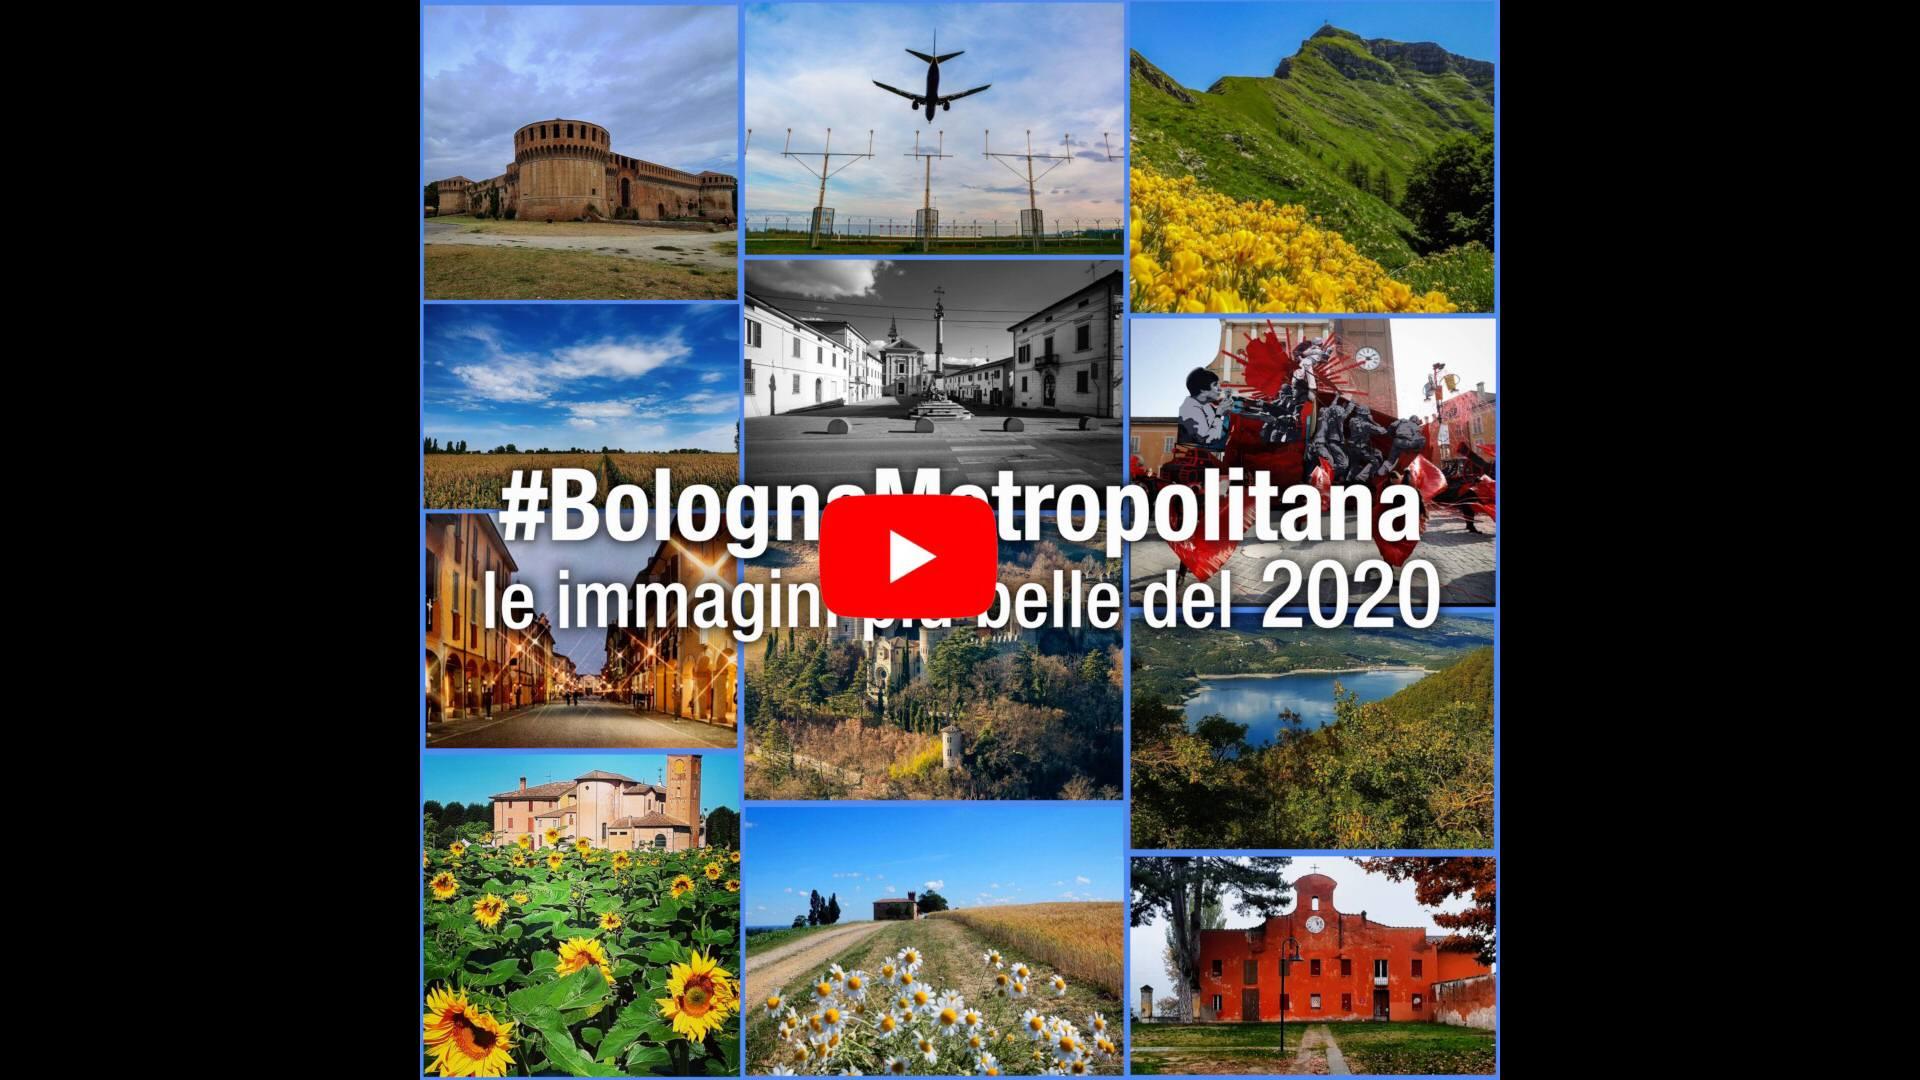 #BolognaMetropolitana - Le immagini più belle del 2020